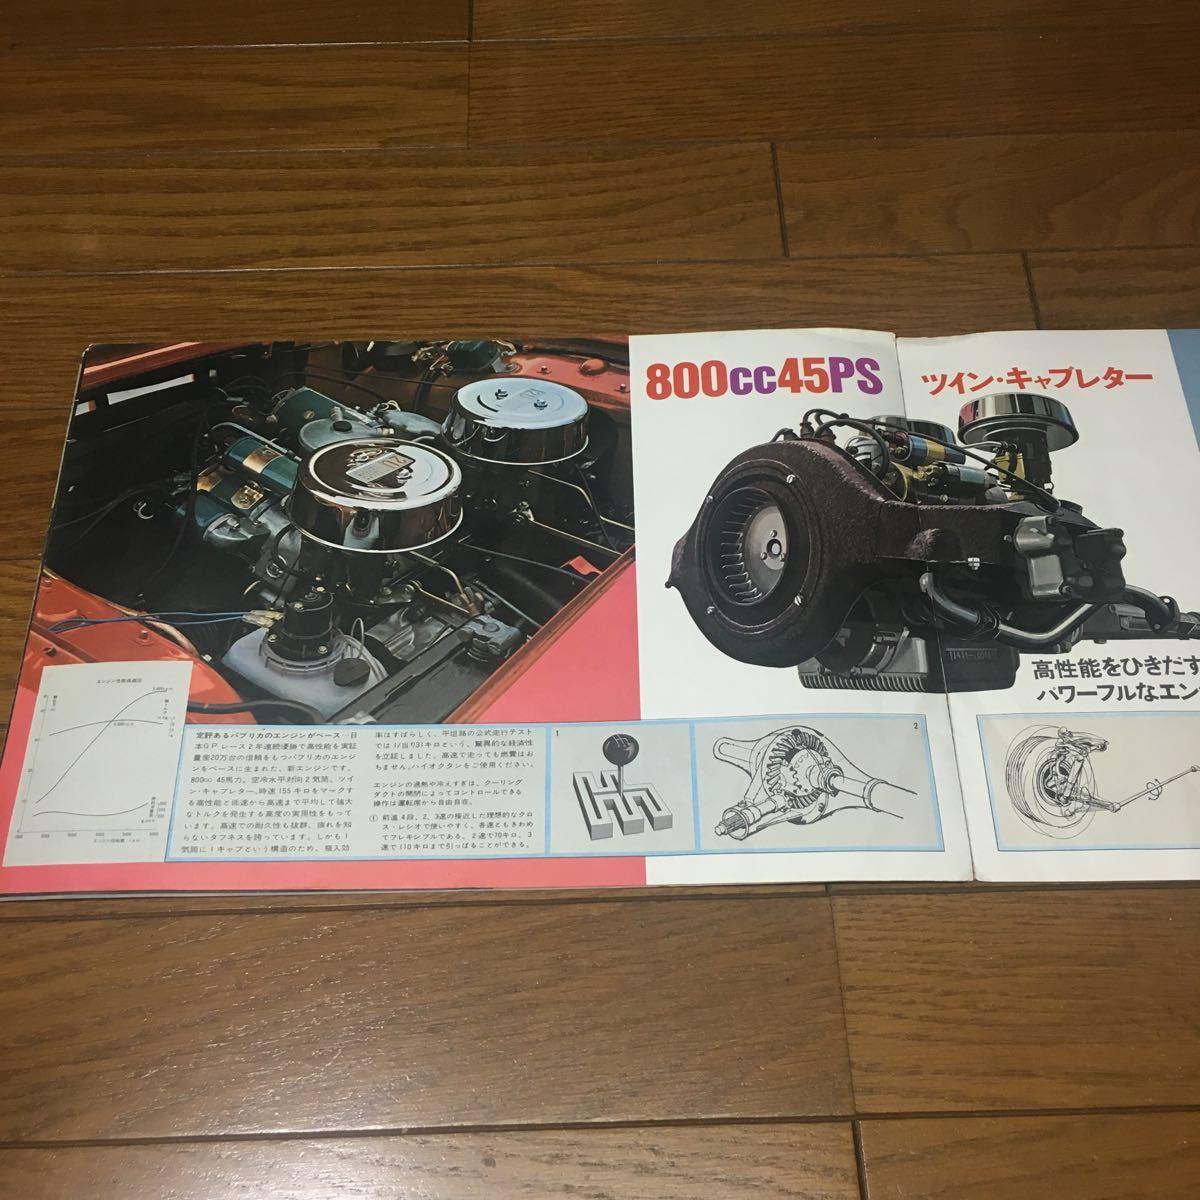 復刻版ではございません 絶版 旧車カタログ トヨタ スポーツ800 ヨタハチ 当時物 昭和 希少 貴重 美品_画像5